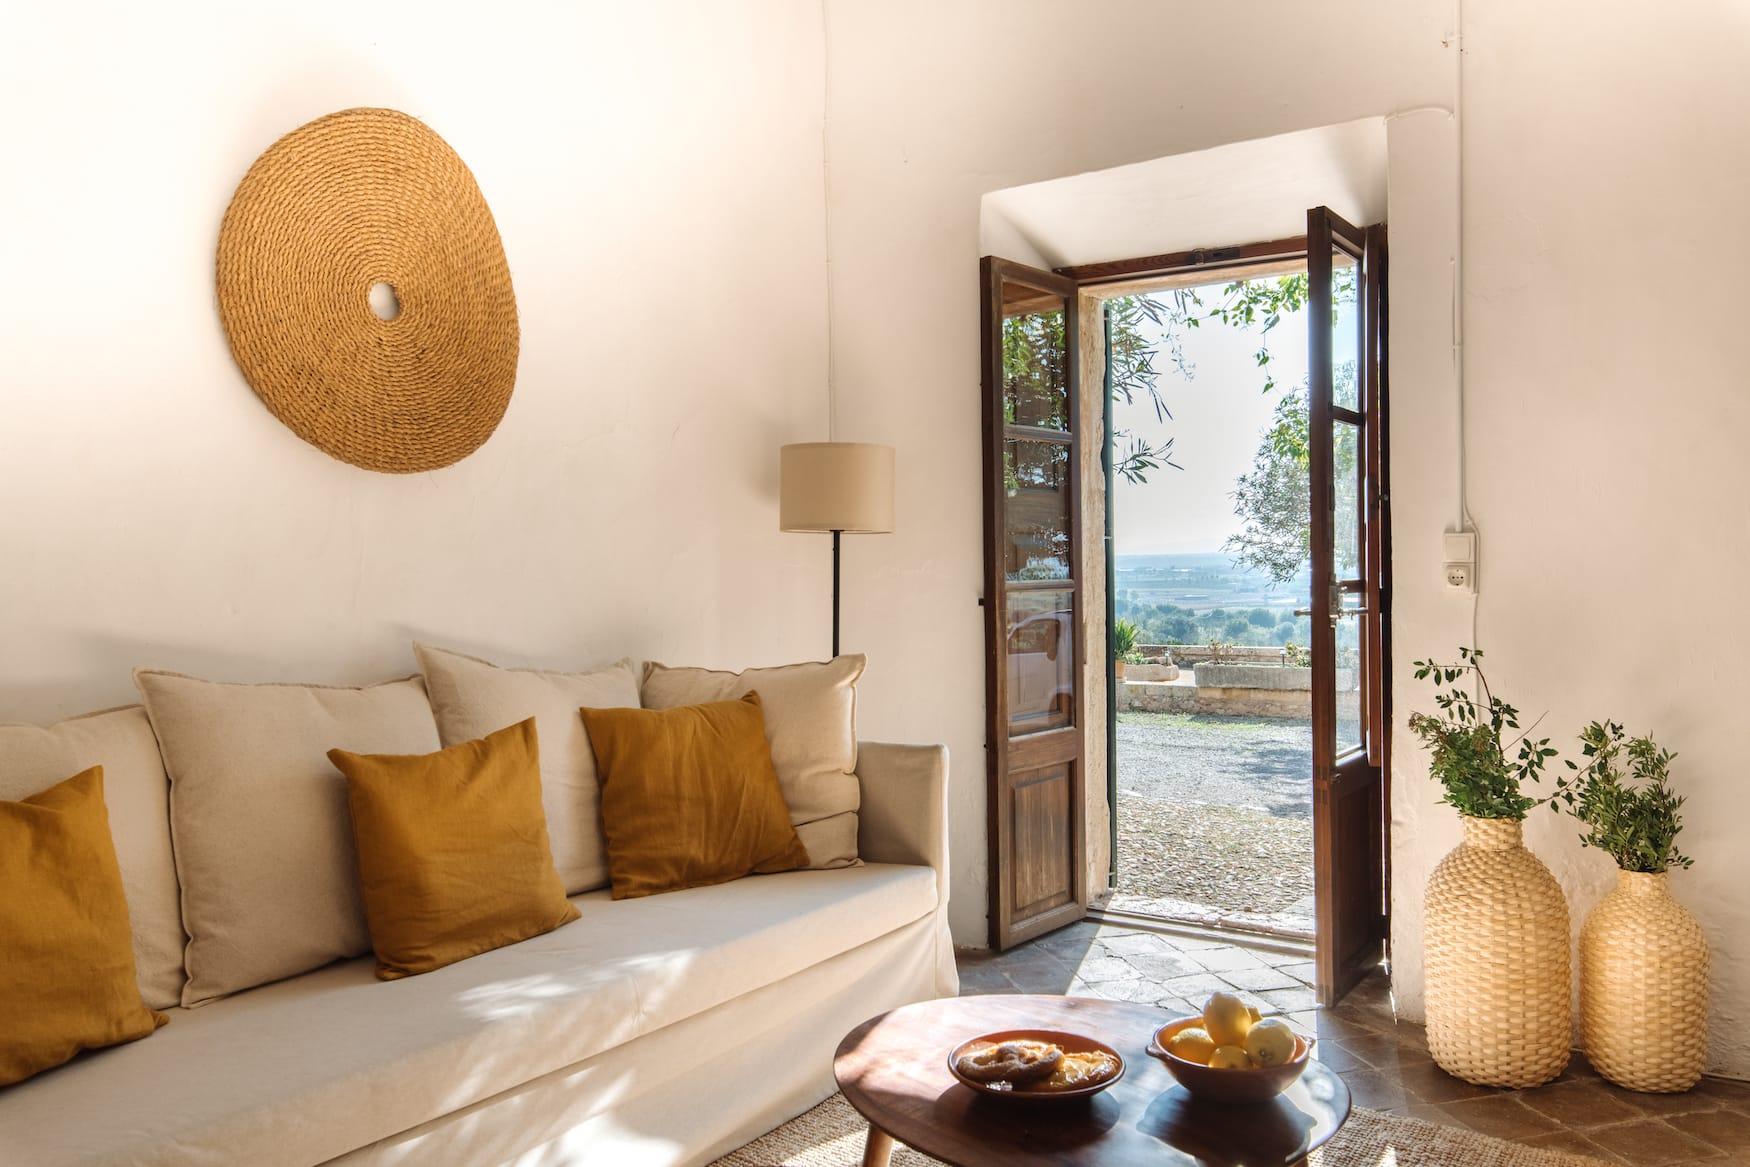 Mallorquinischen Interior in einem Ferienhaus auf Mallorca